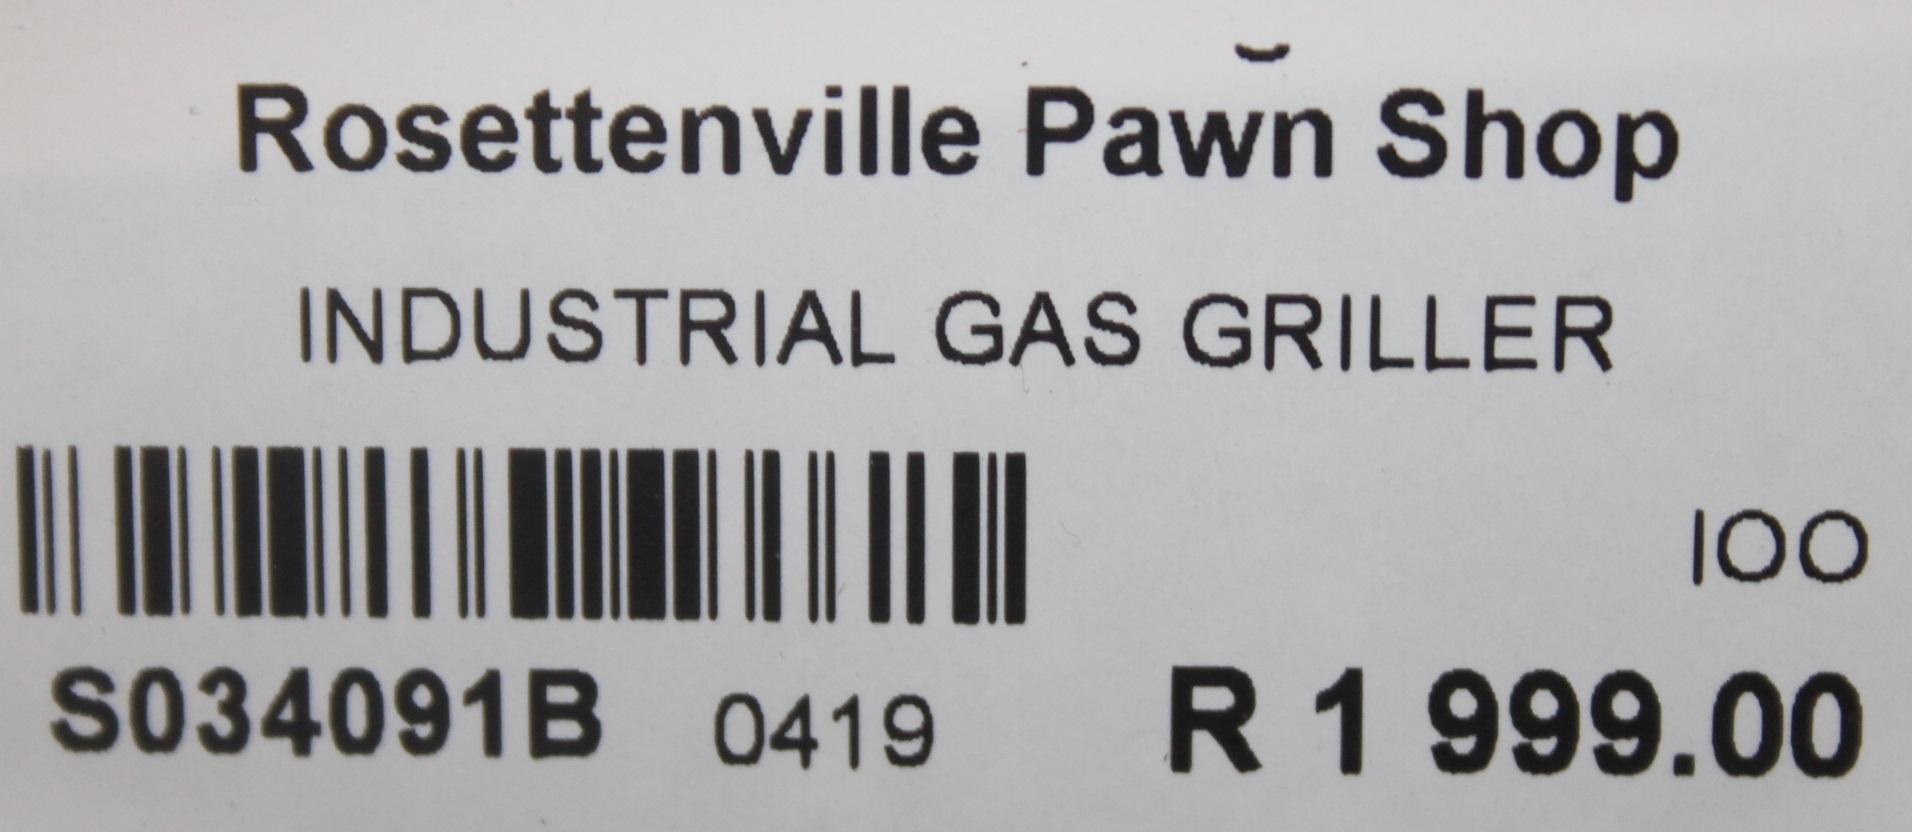 S034091B Industrial gas griller #Rosettenvillepawnshop